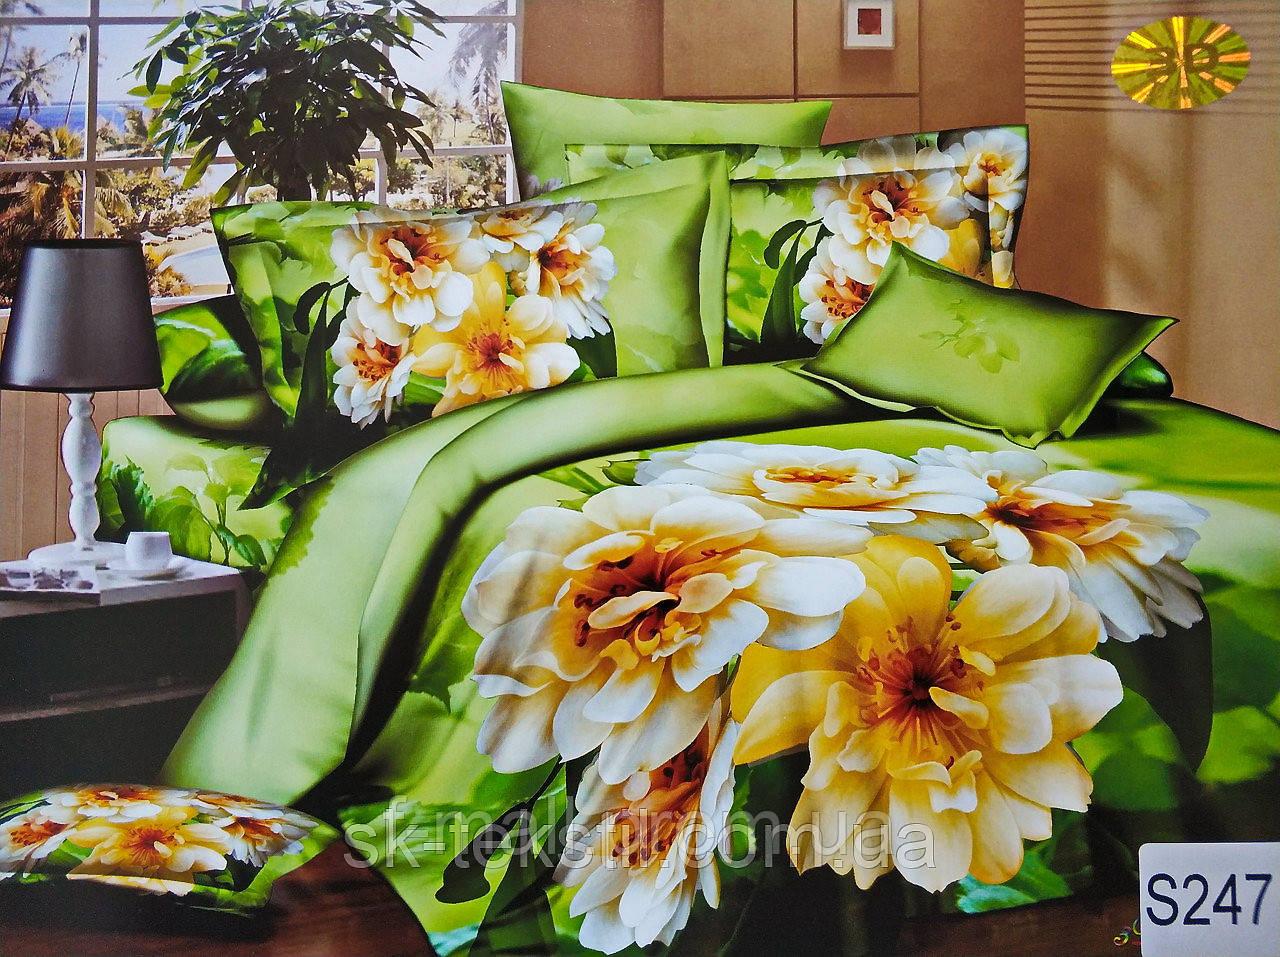 Комплект постельного белья ELWAY (Польша) 3D LUX Сатин Евро Подарочная упаковка (247)